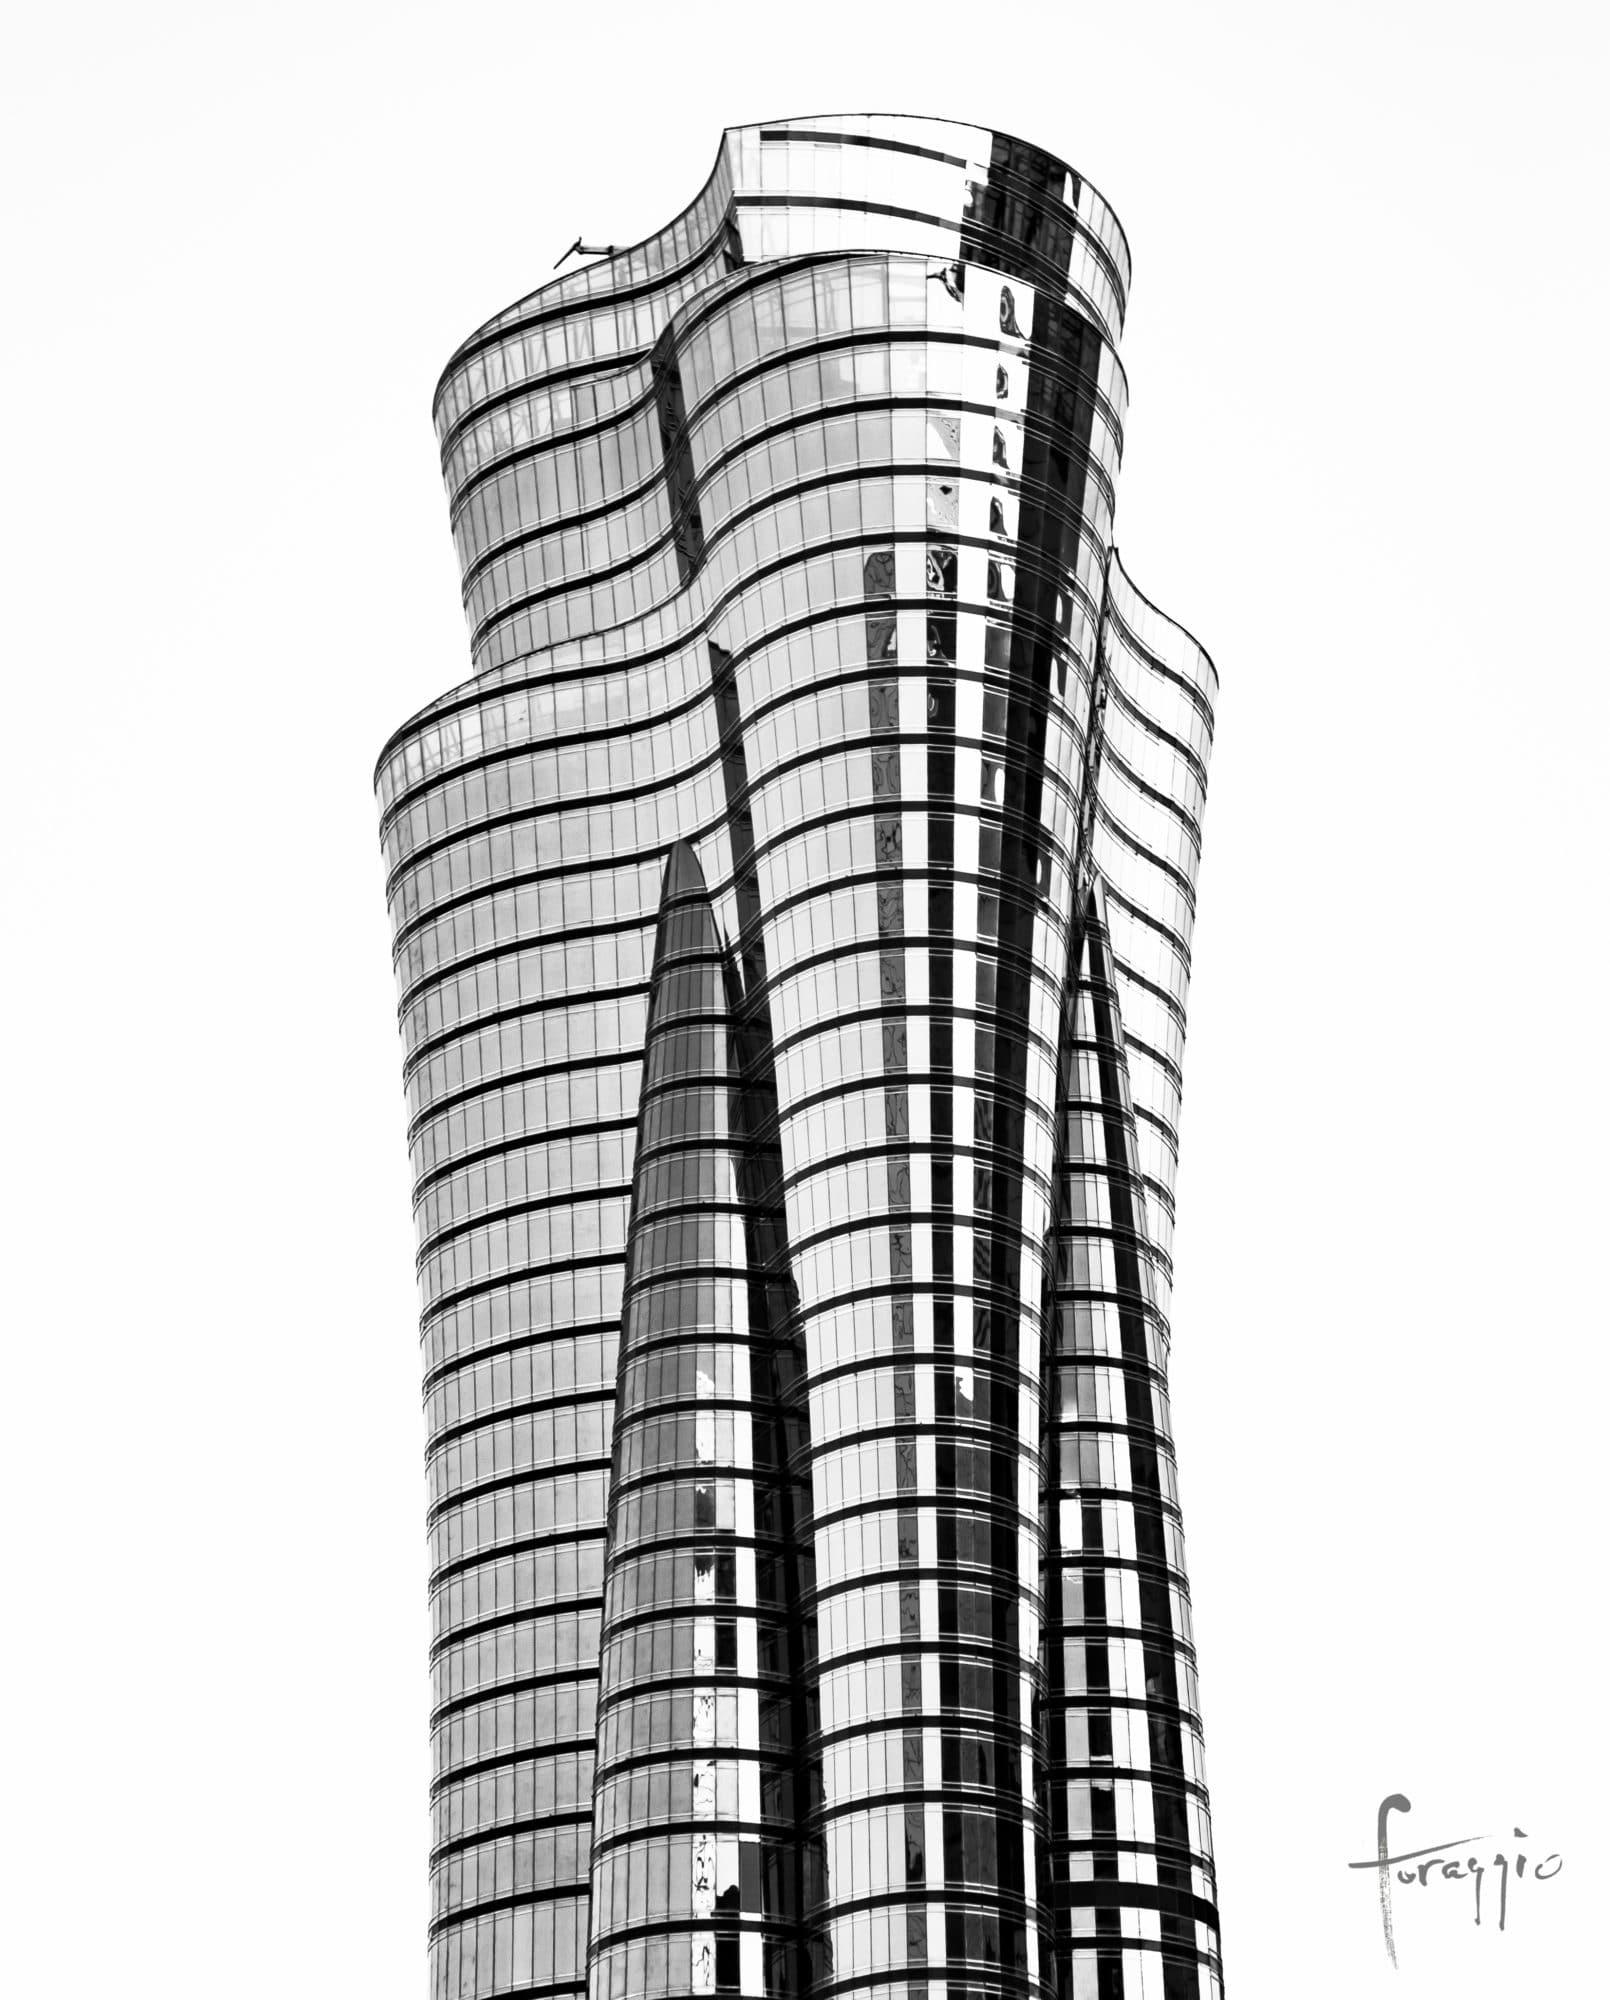 Starkitecture | QIIB, Doha | Foraggio Photographic